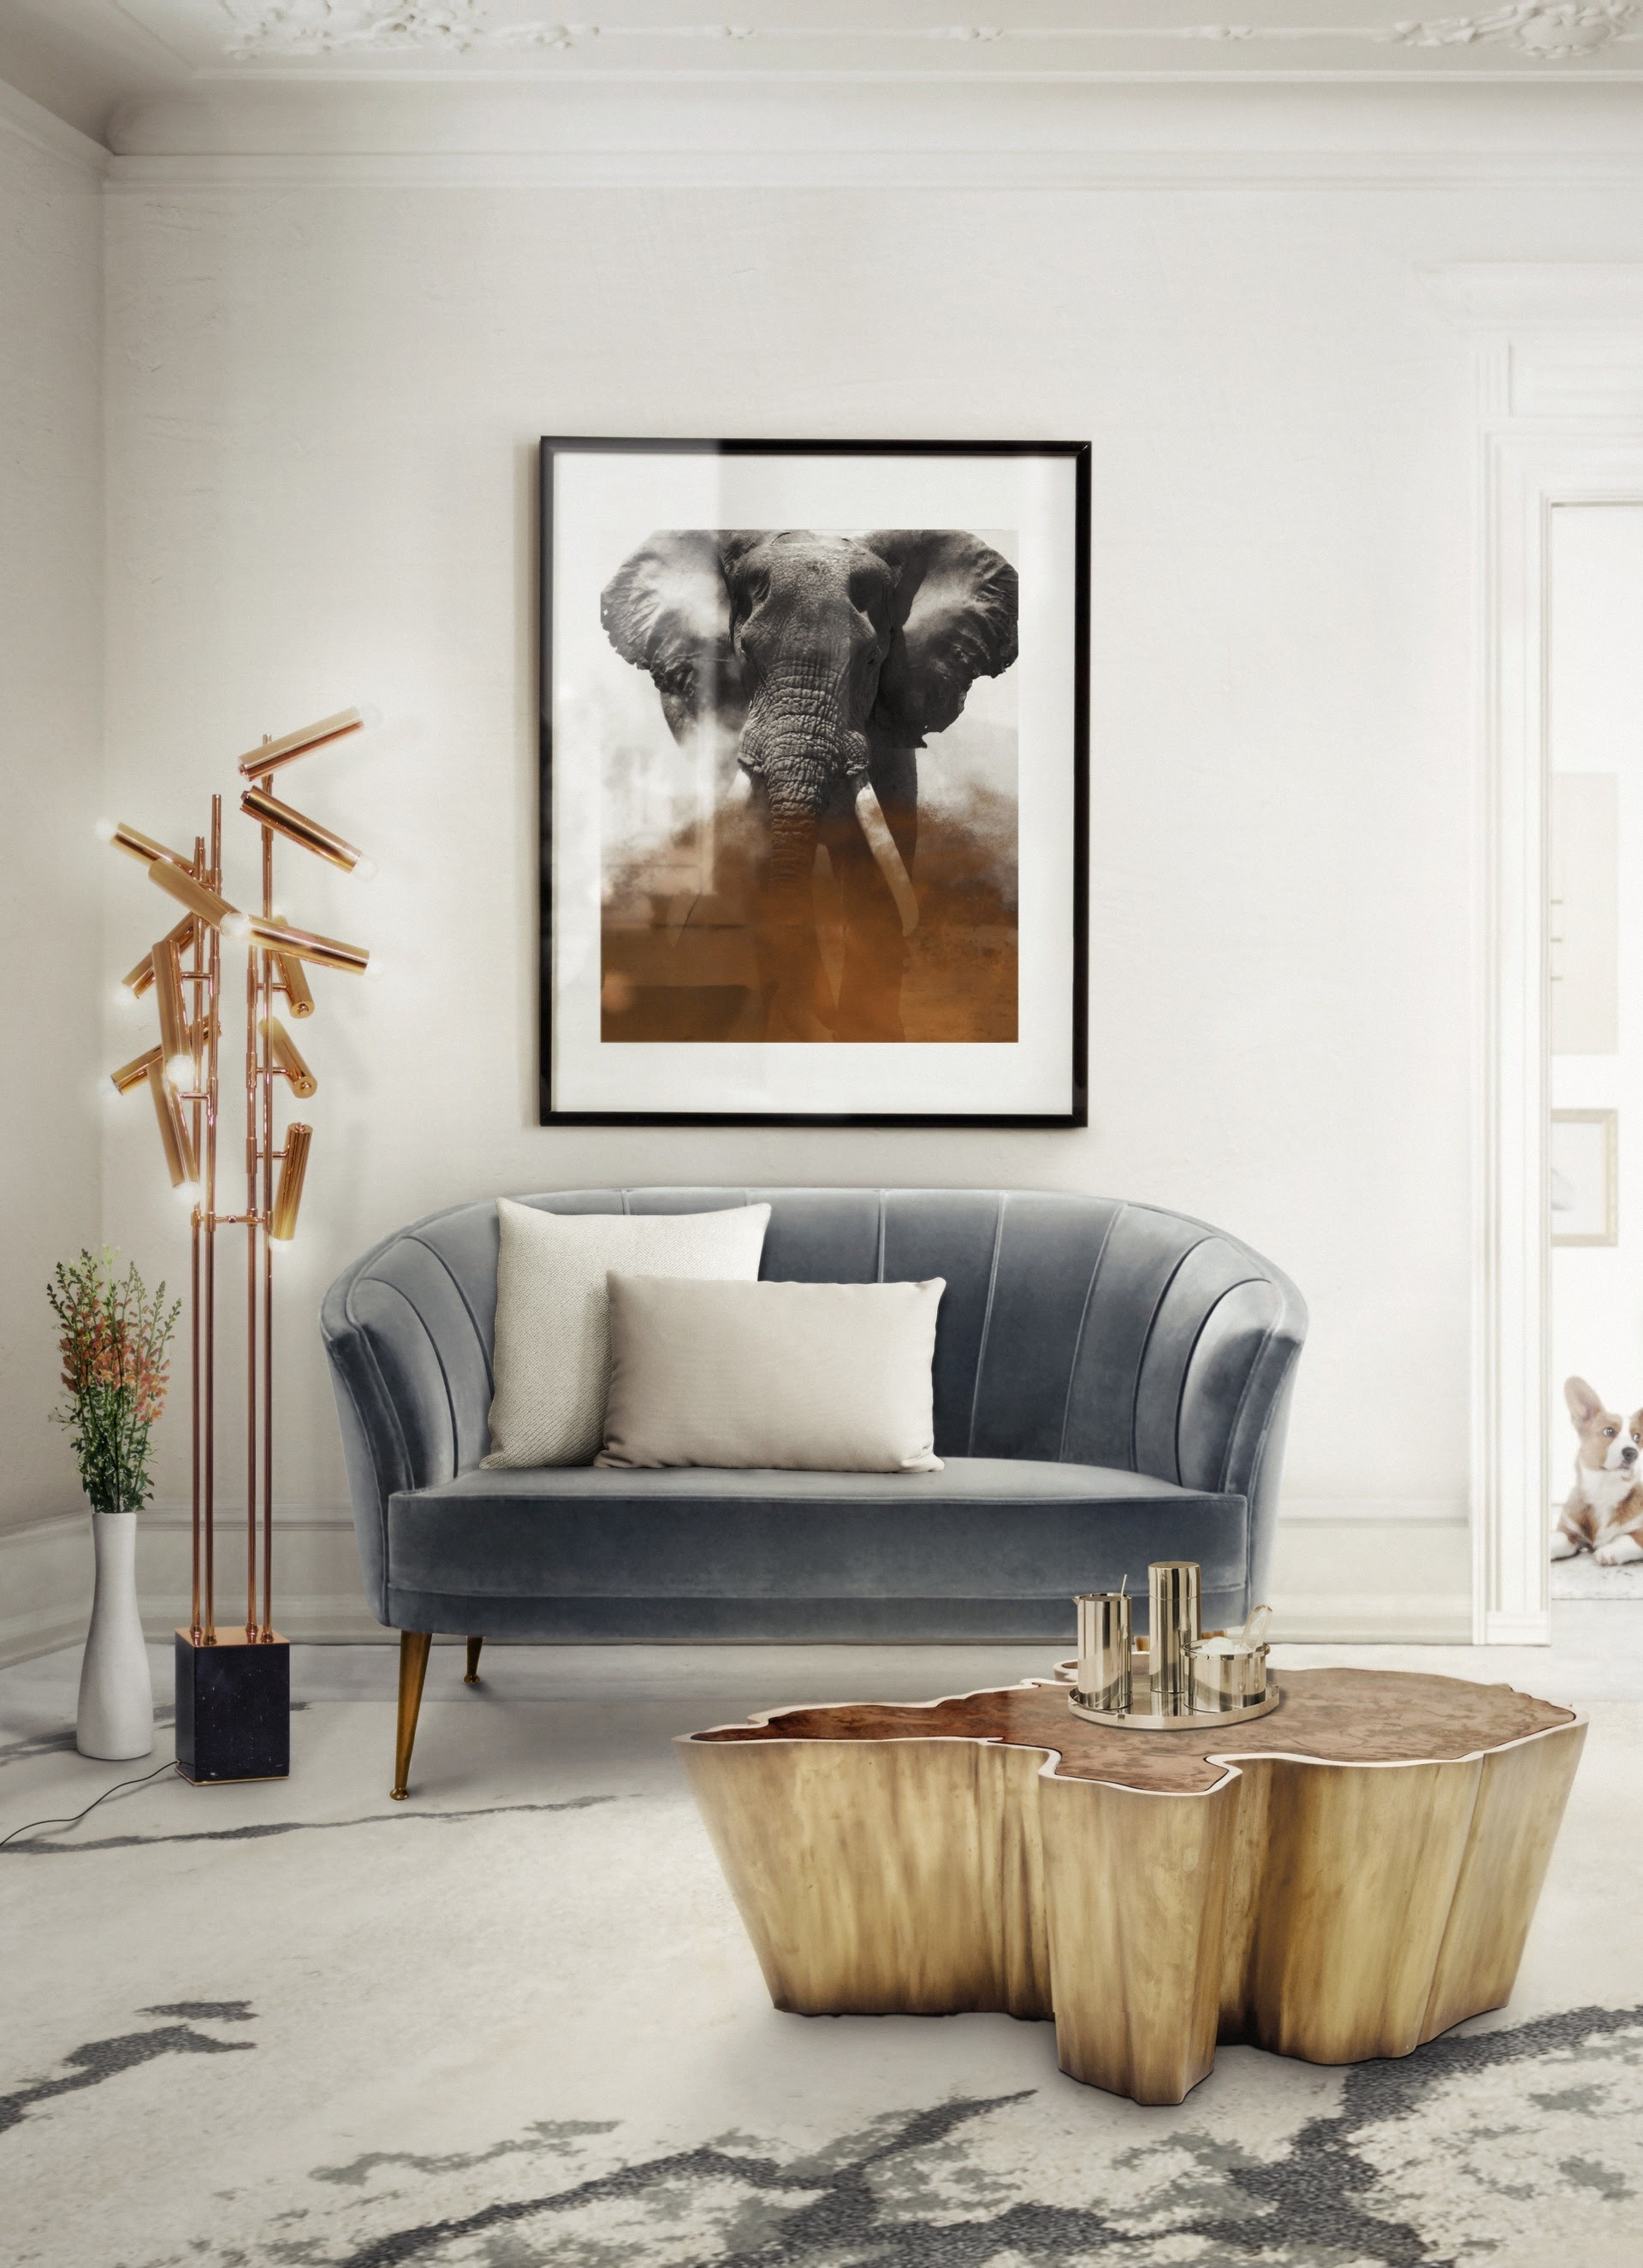 Новый каталог BRABBU | Мебельные тенденции 2018 Мебельные тенденции Новый каталог BRABBU | Мебельные тенденции 2018 brabbu ambience press 54 HR